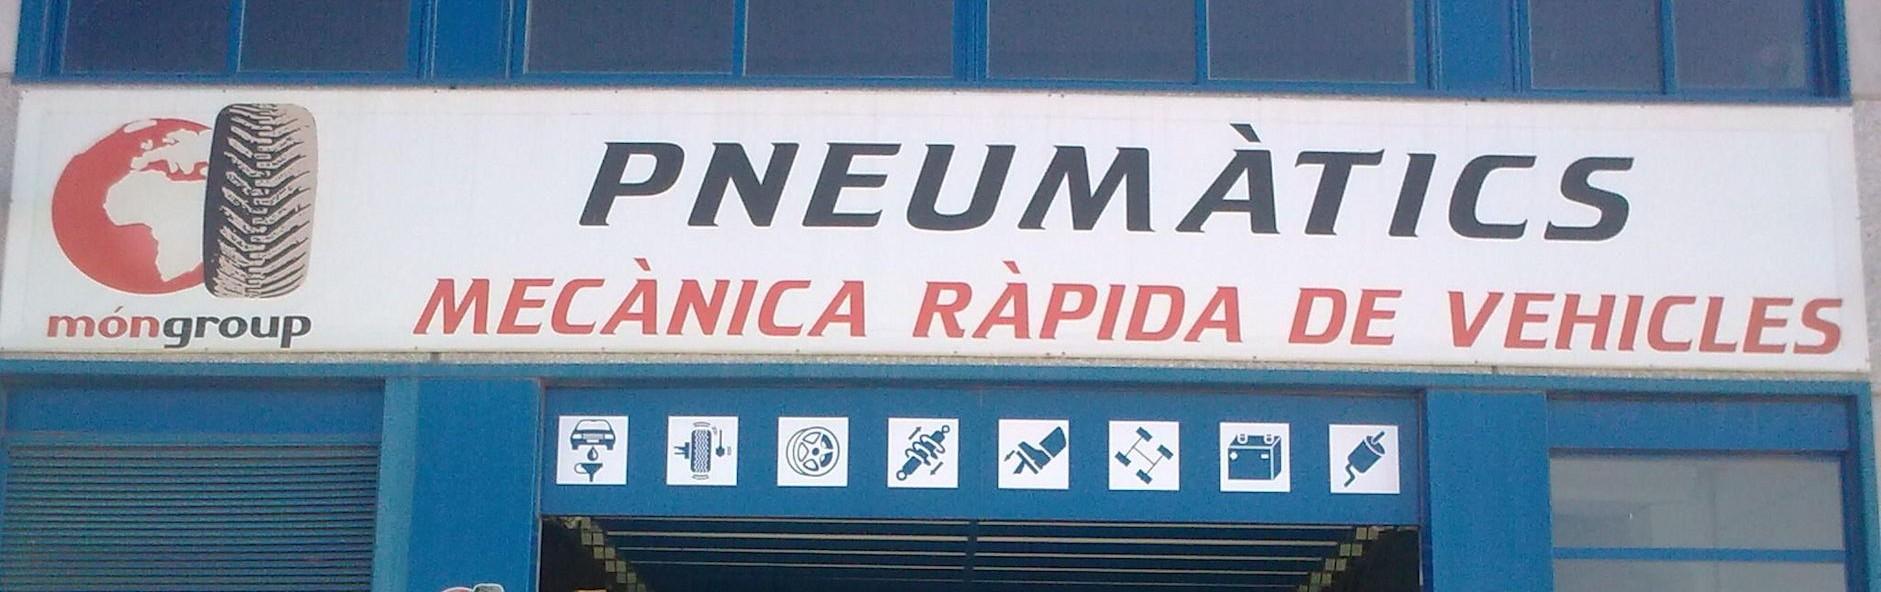 mongroup pneumatics palafrugell - empresa